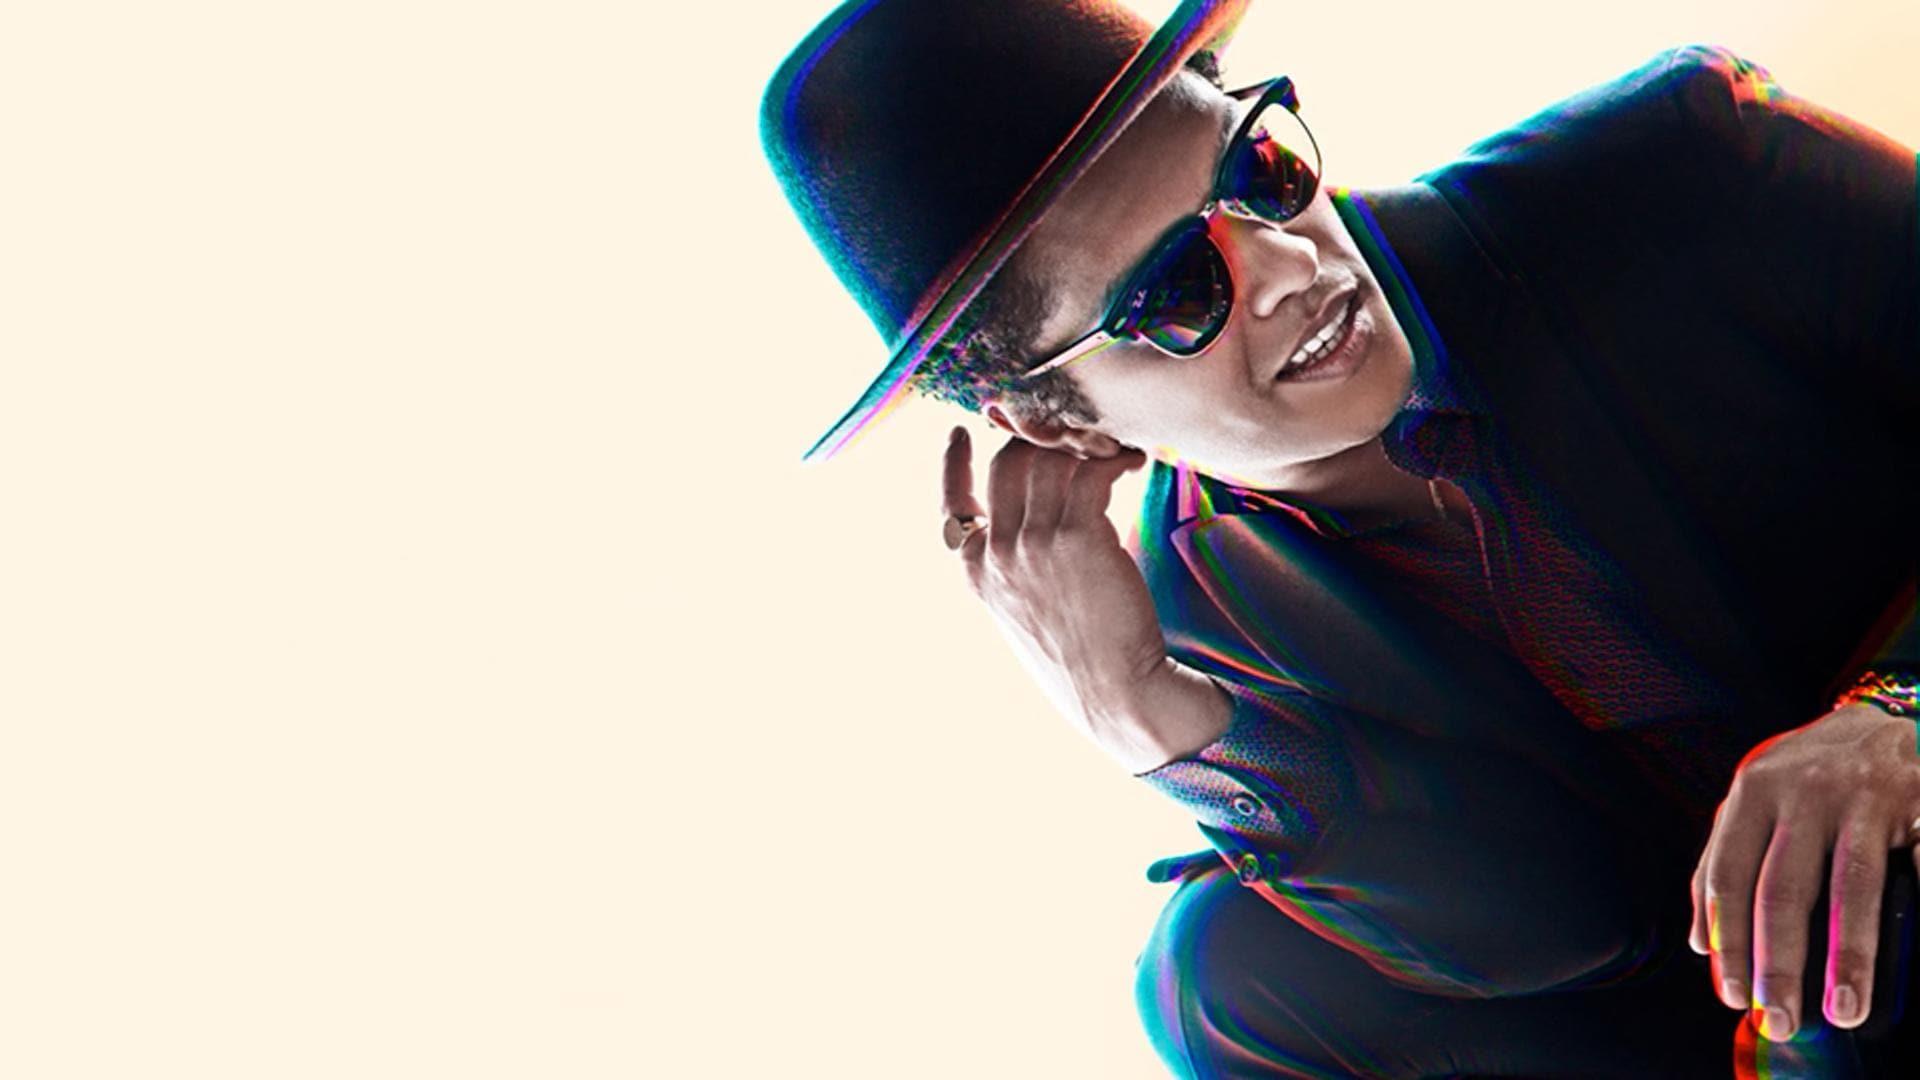 Bruno Mars: October 20, 2012